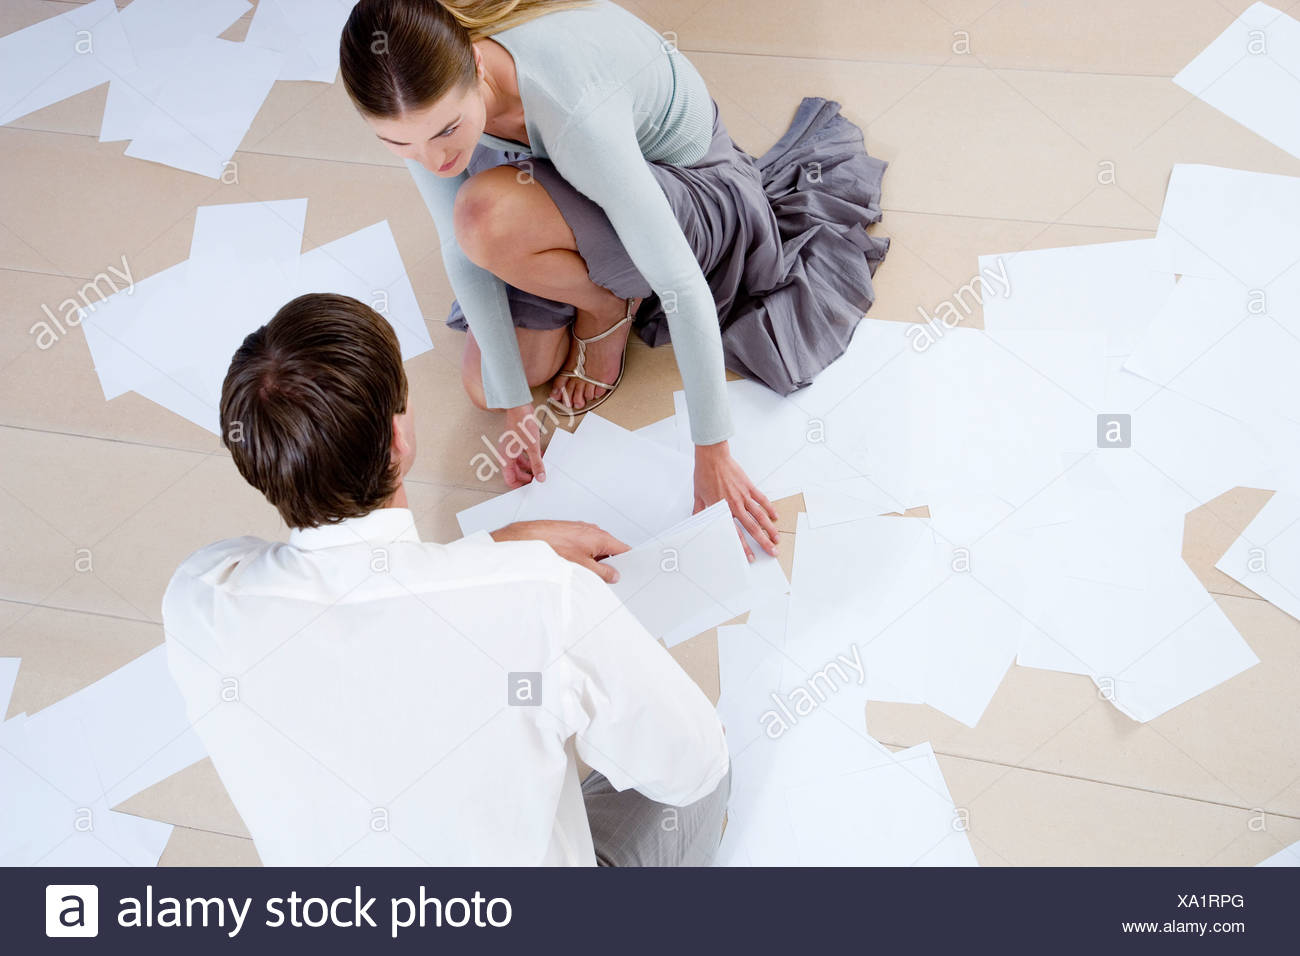 Zwei Kollegen Abgelegten Dateien Und Unterlagen Aus Dem Boden